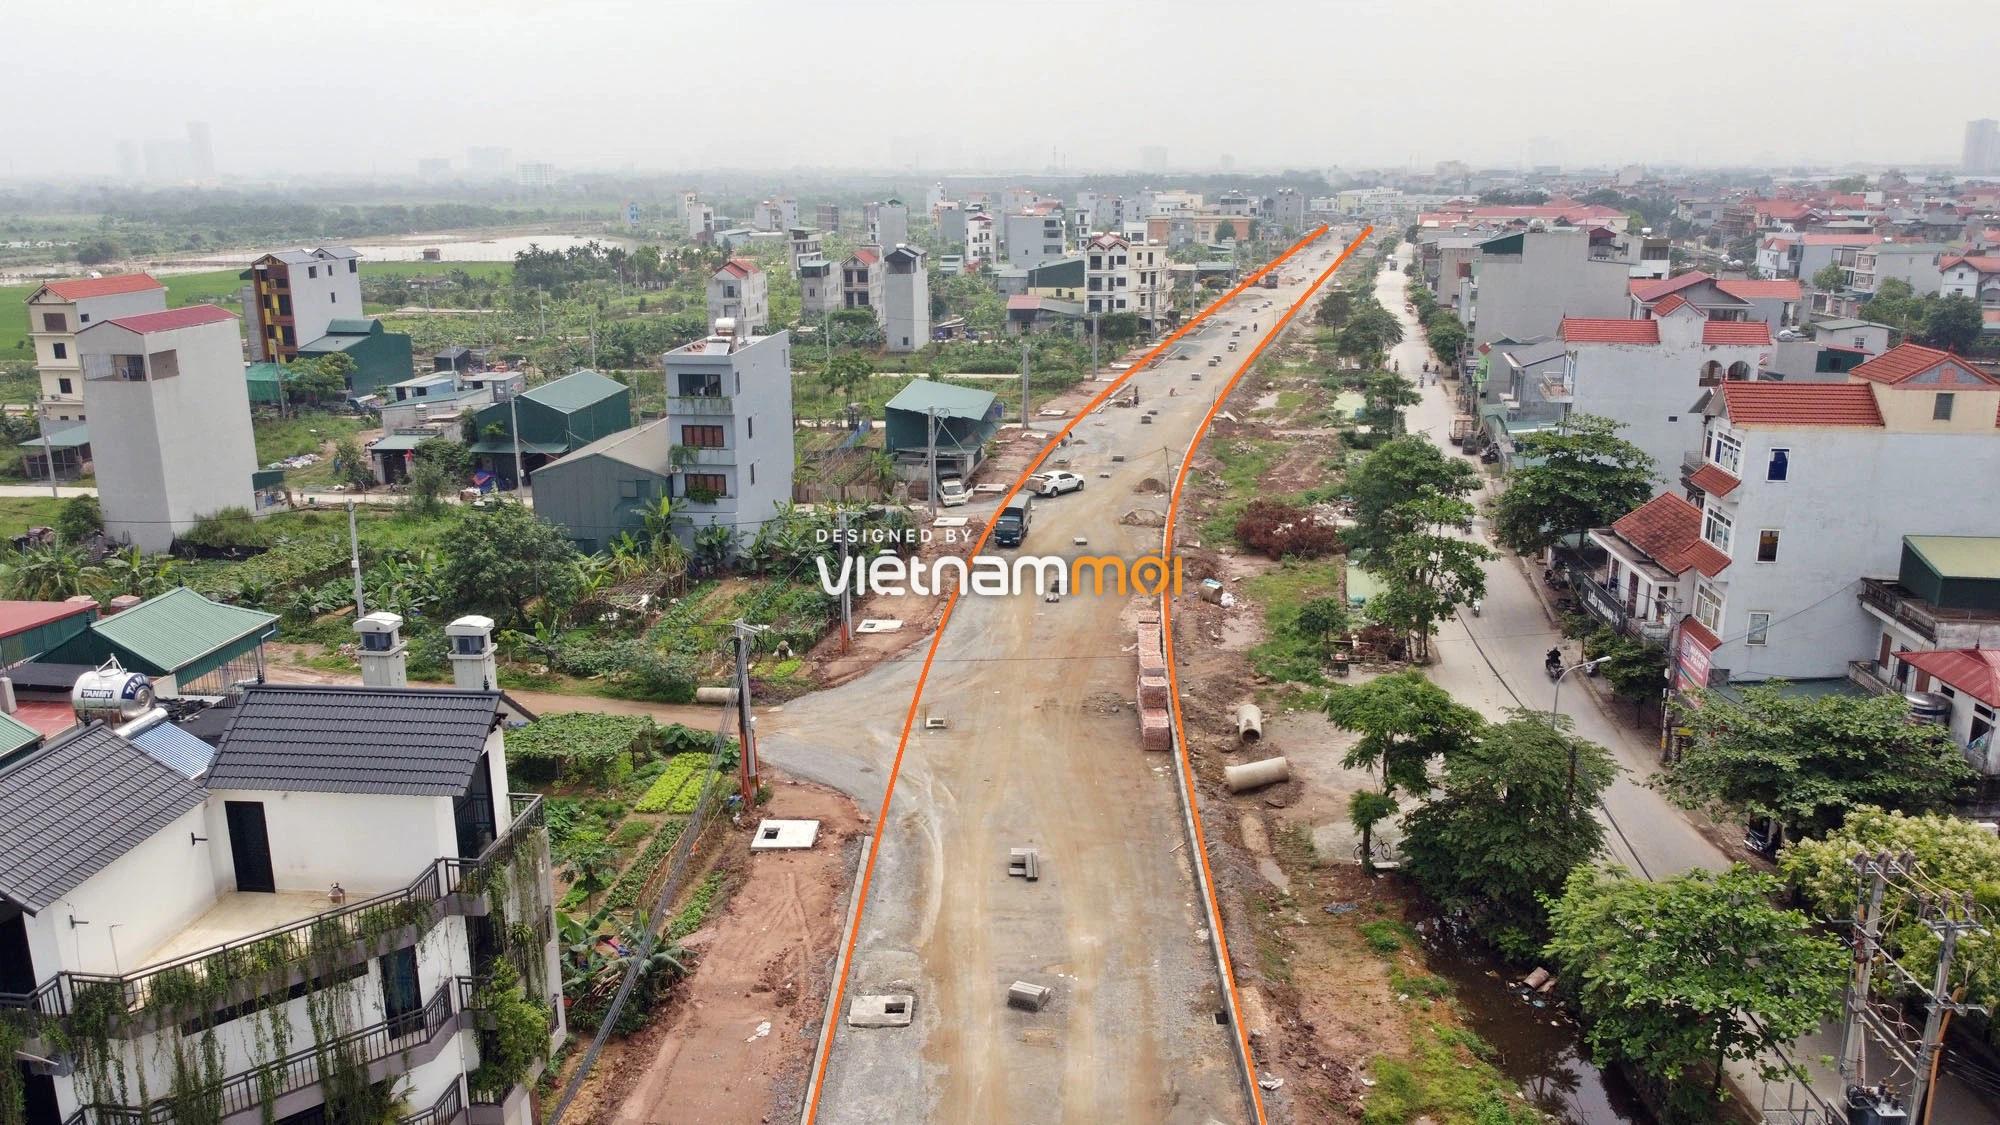 Toàn cảnh đường Lại Yên - Vân Canh đang mở theo quy hoạch ở Hà Nội - Ảnh 4.